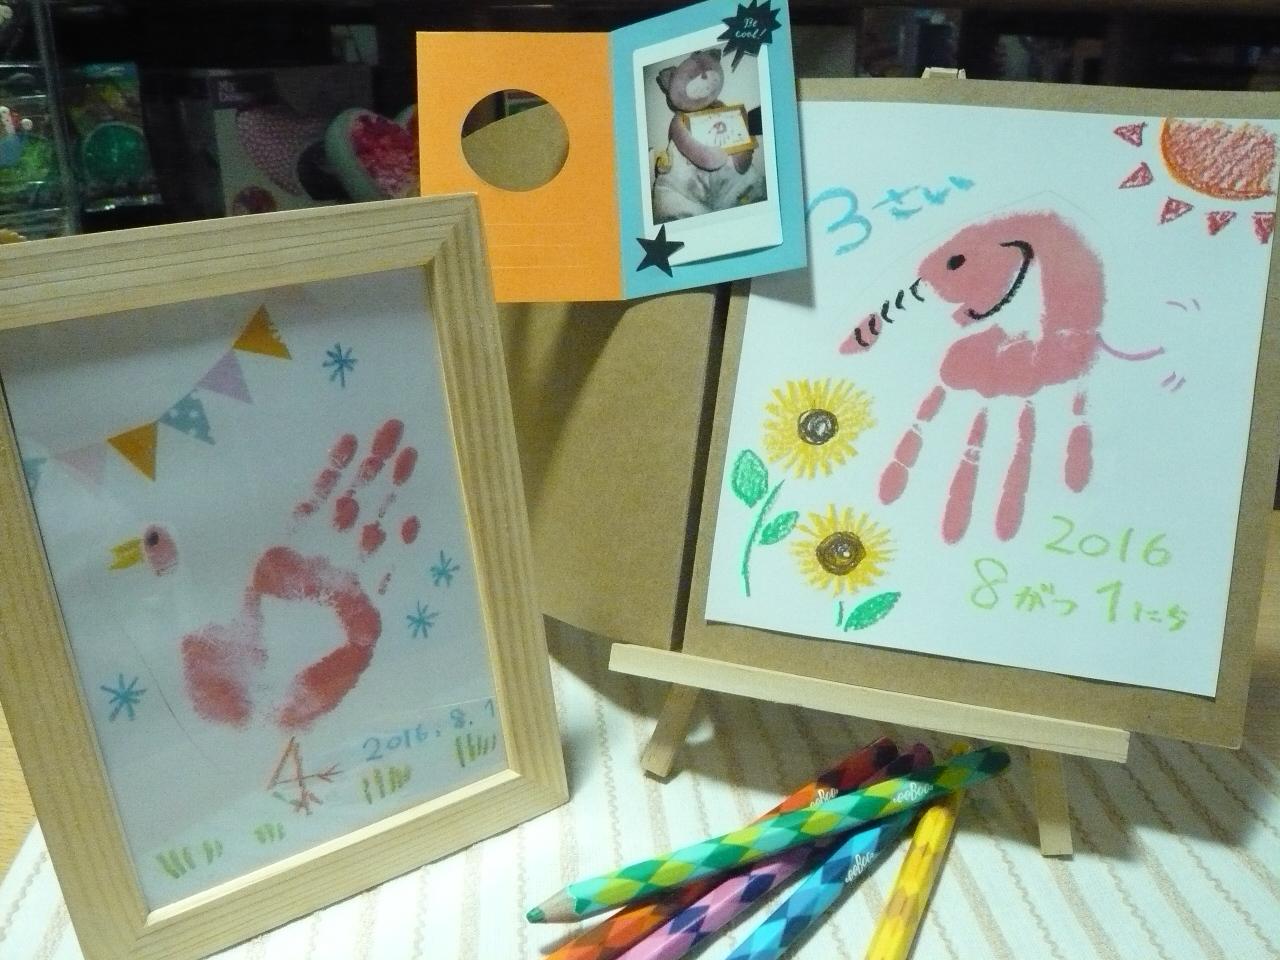 親子で楽しむ 手形スタンプ